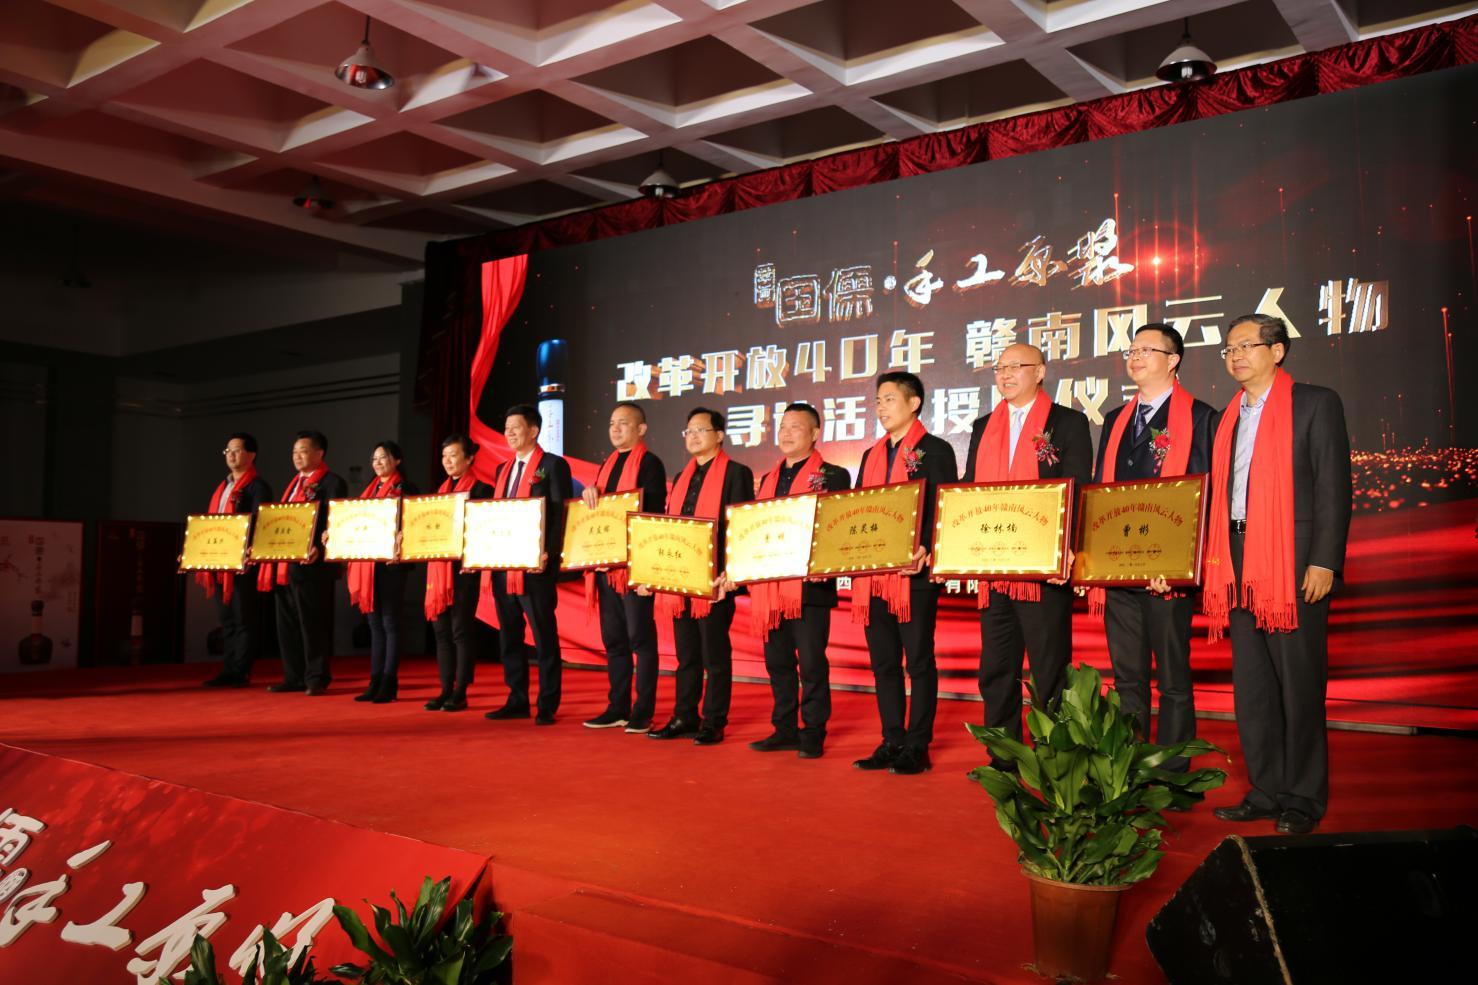 燕兴物业董事长刘燕荣获改革开放40年赣南风云人物-中国网地产